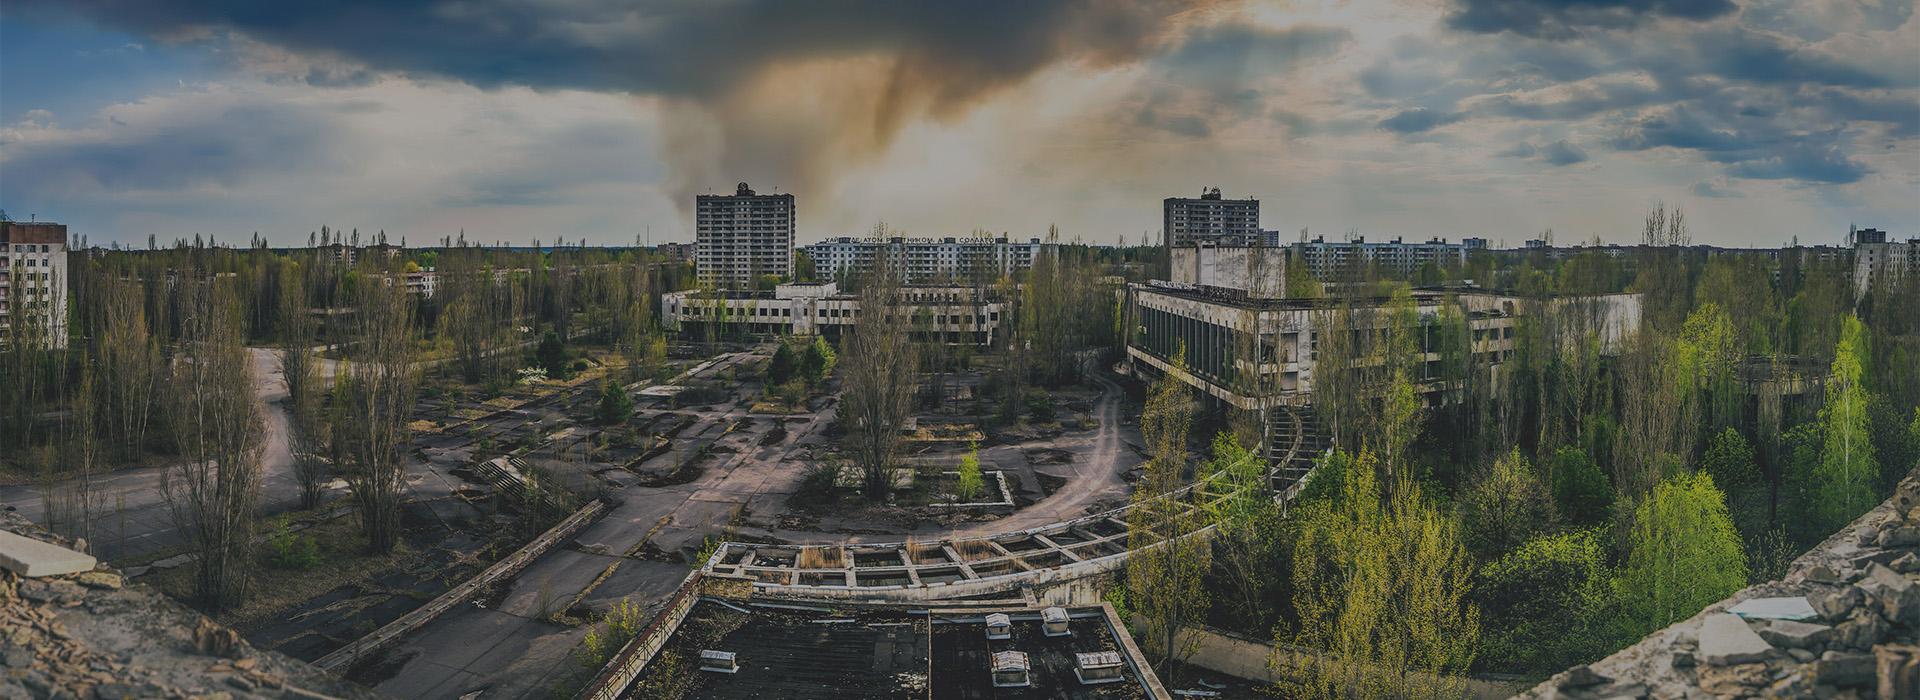 Чернобыль, 30 лет: как авария на чаэс отразилась на мировой культуре